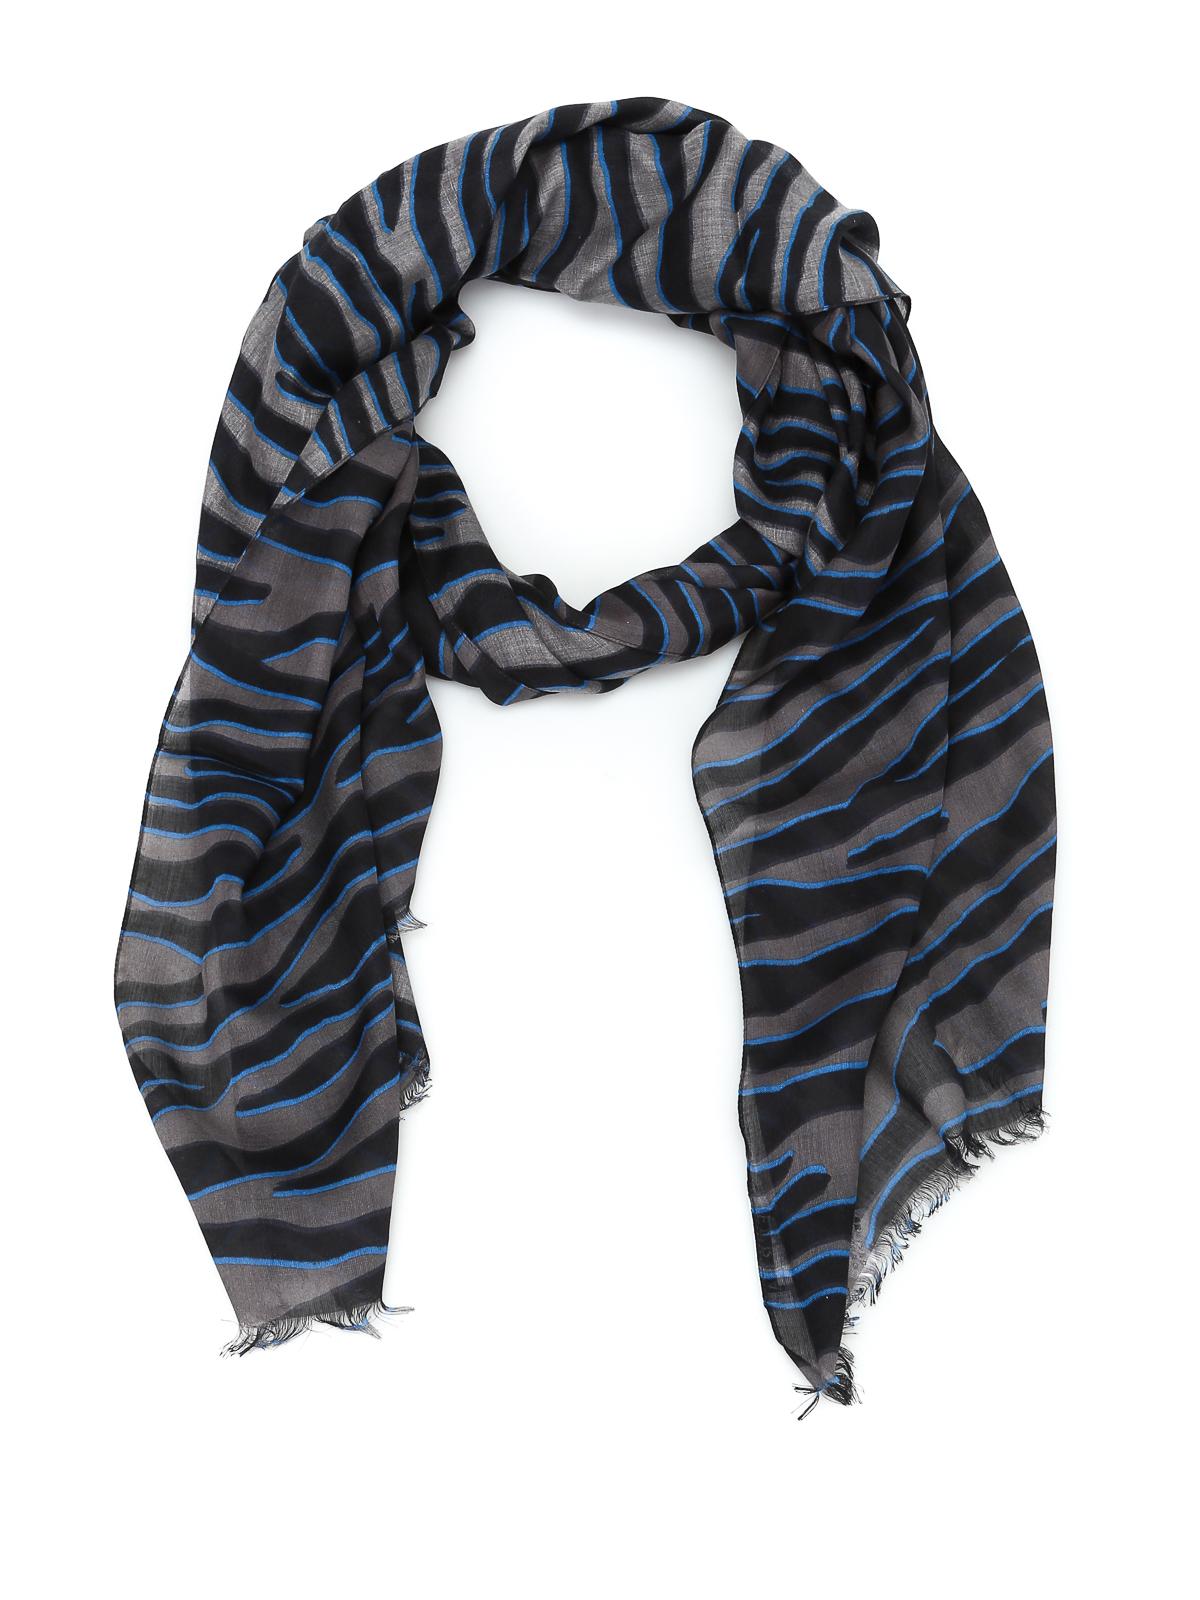 migliori scarpe da ginnastica 6a95a e53ae Furla - Sciarpa in misto seta stampata - sciarpe e foulard ...